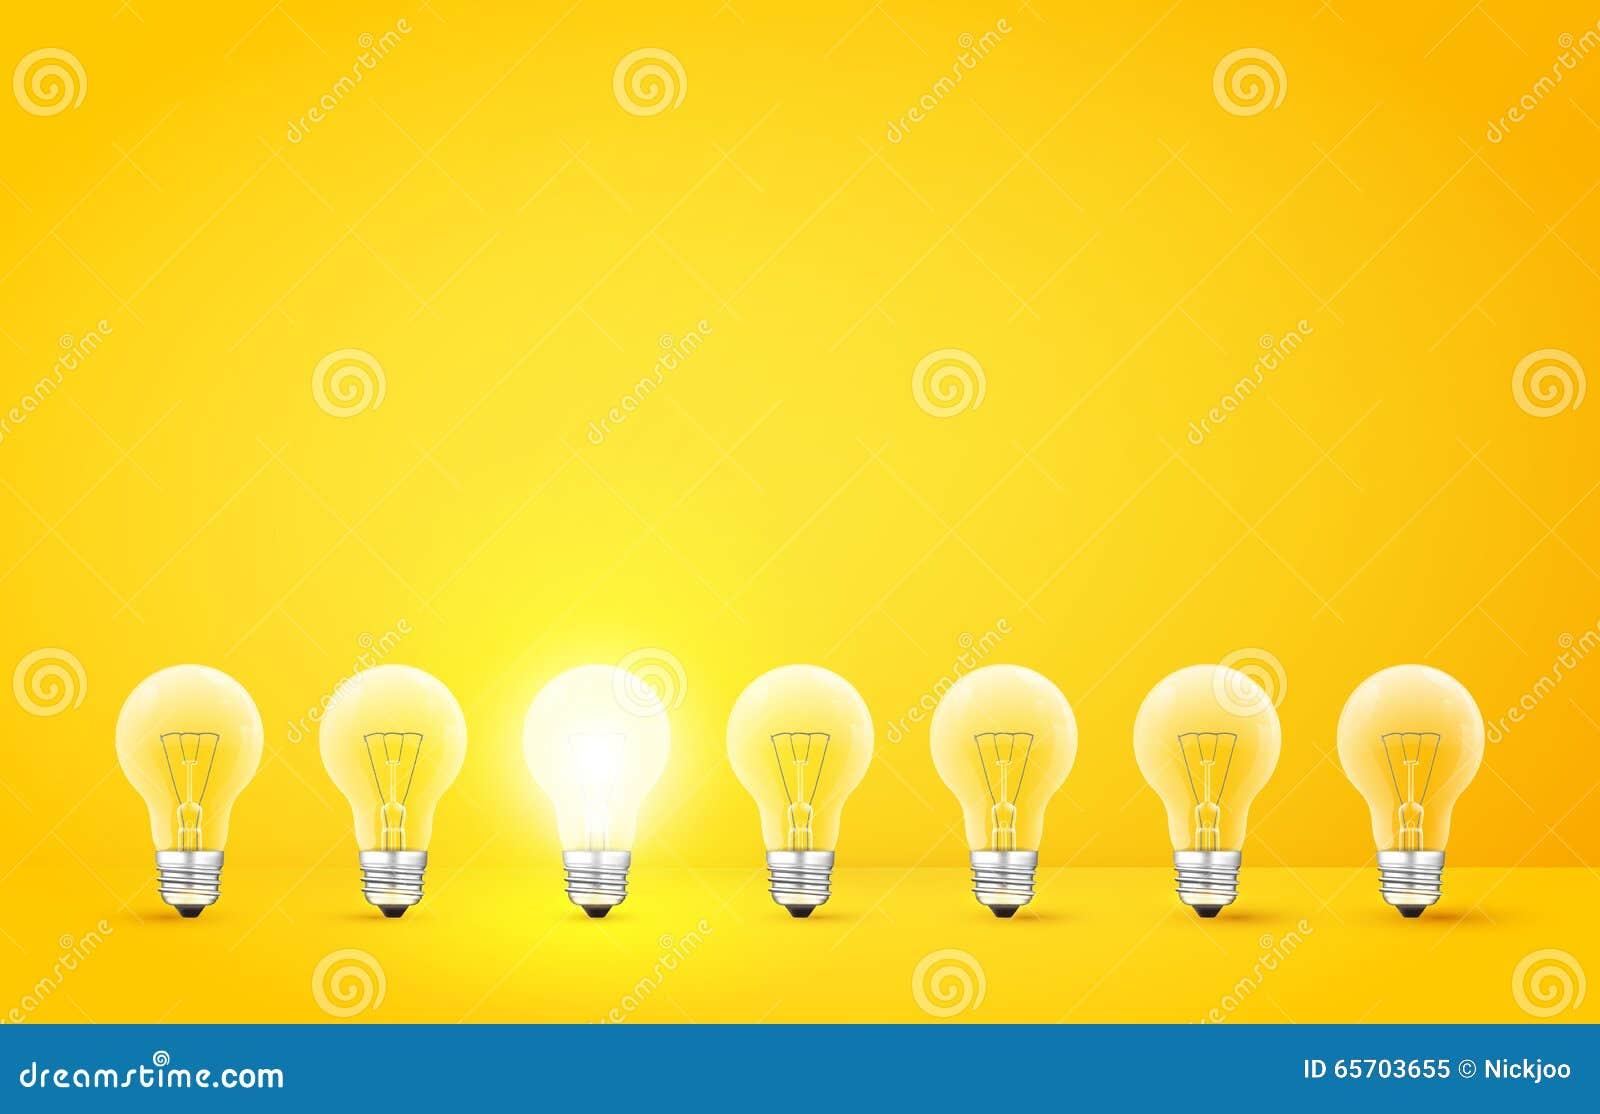 Colocación en fila de bombillas con el brillar intensamente en fondo amarillo A diferencia de otros o del hombre de concepto impa